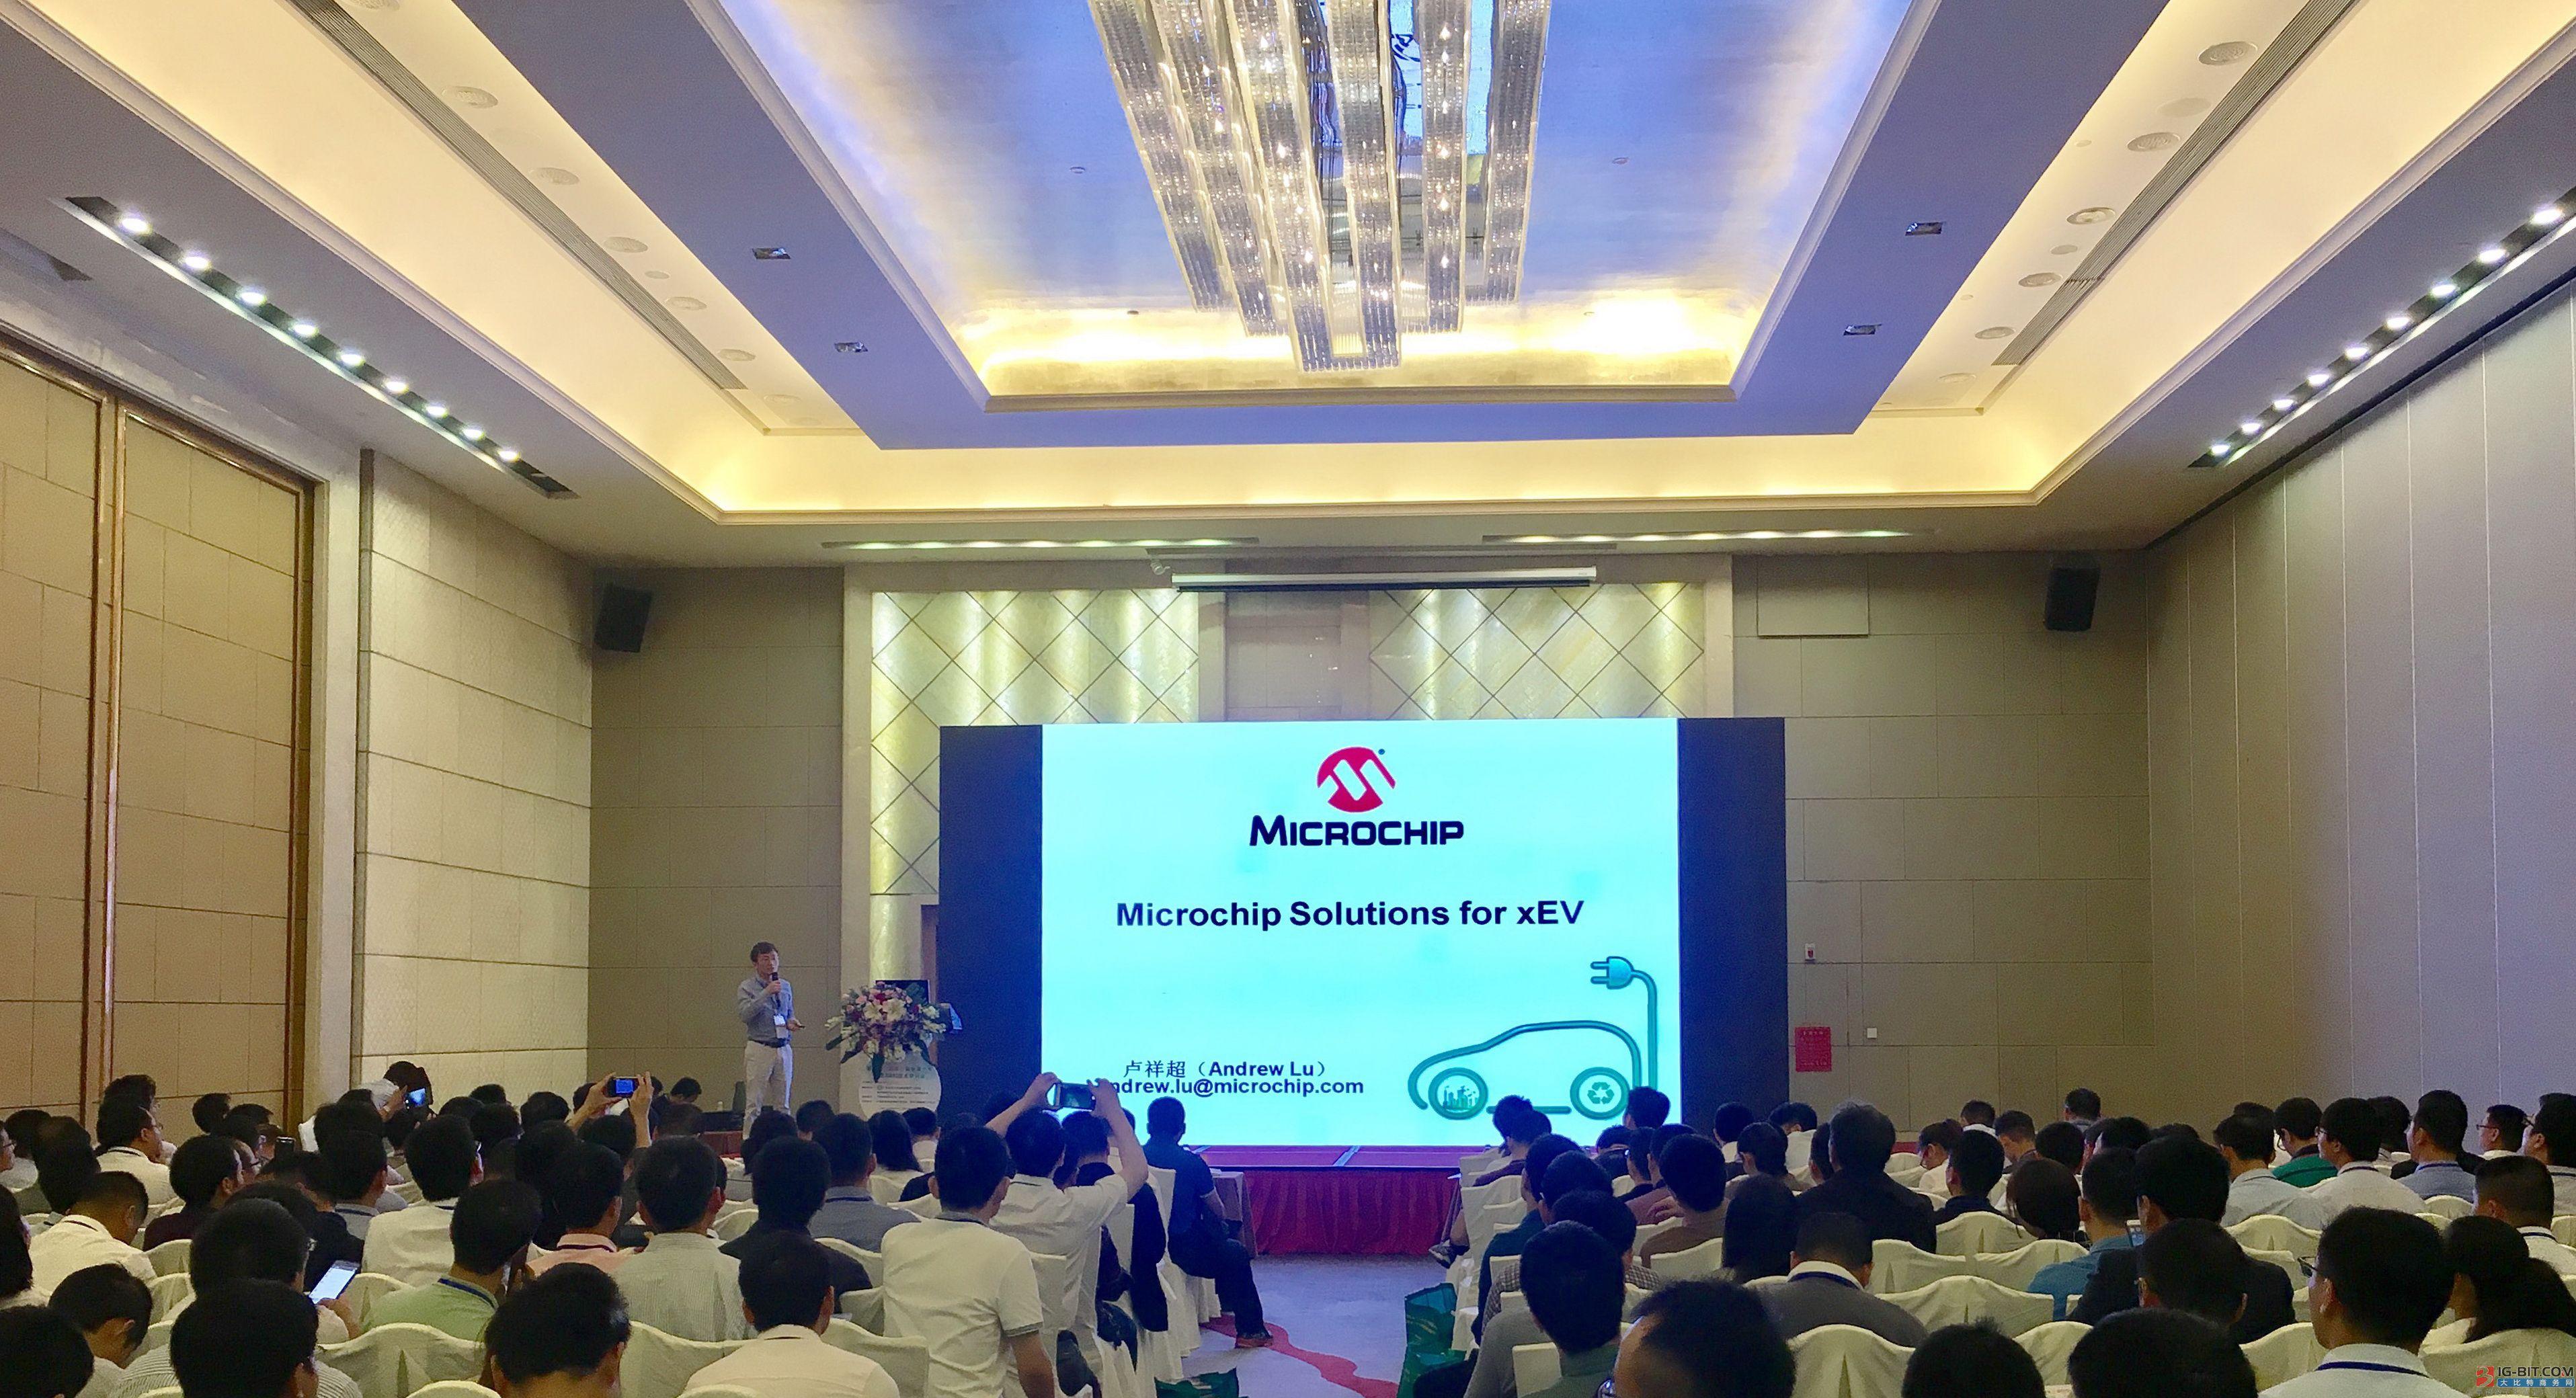 贝能携手Microchip参加第四届(深圳)新能源汽车电控与BMS技术研讨会